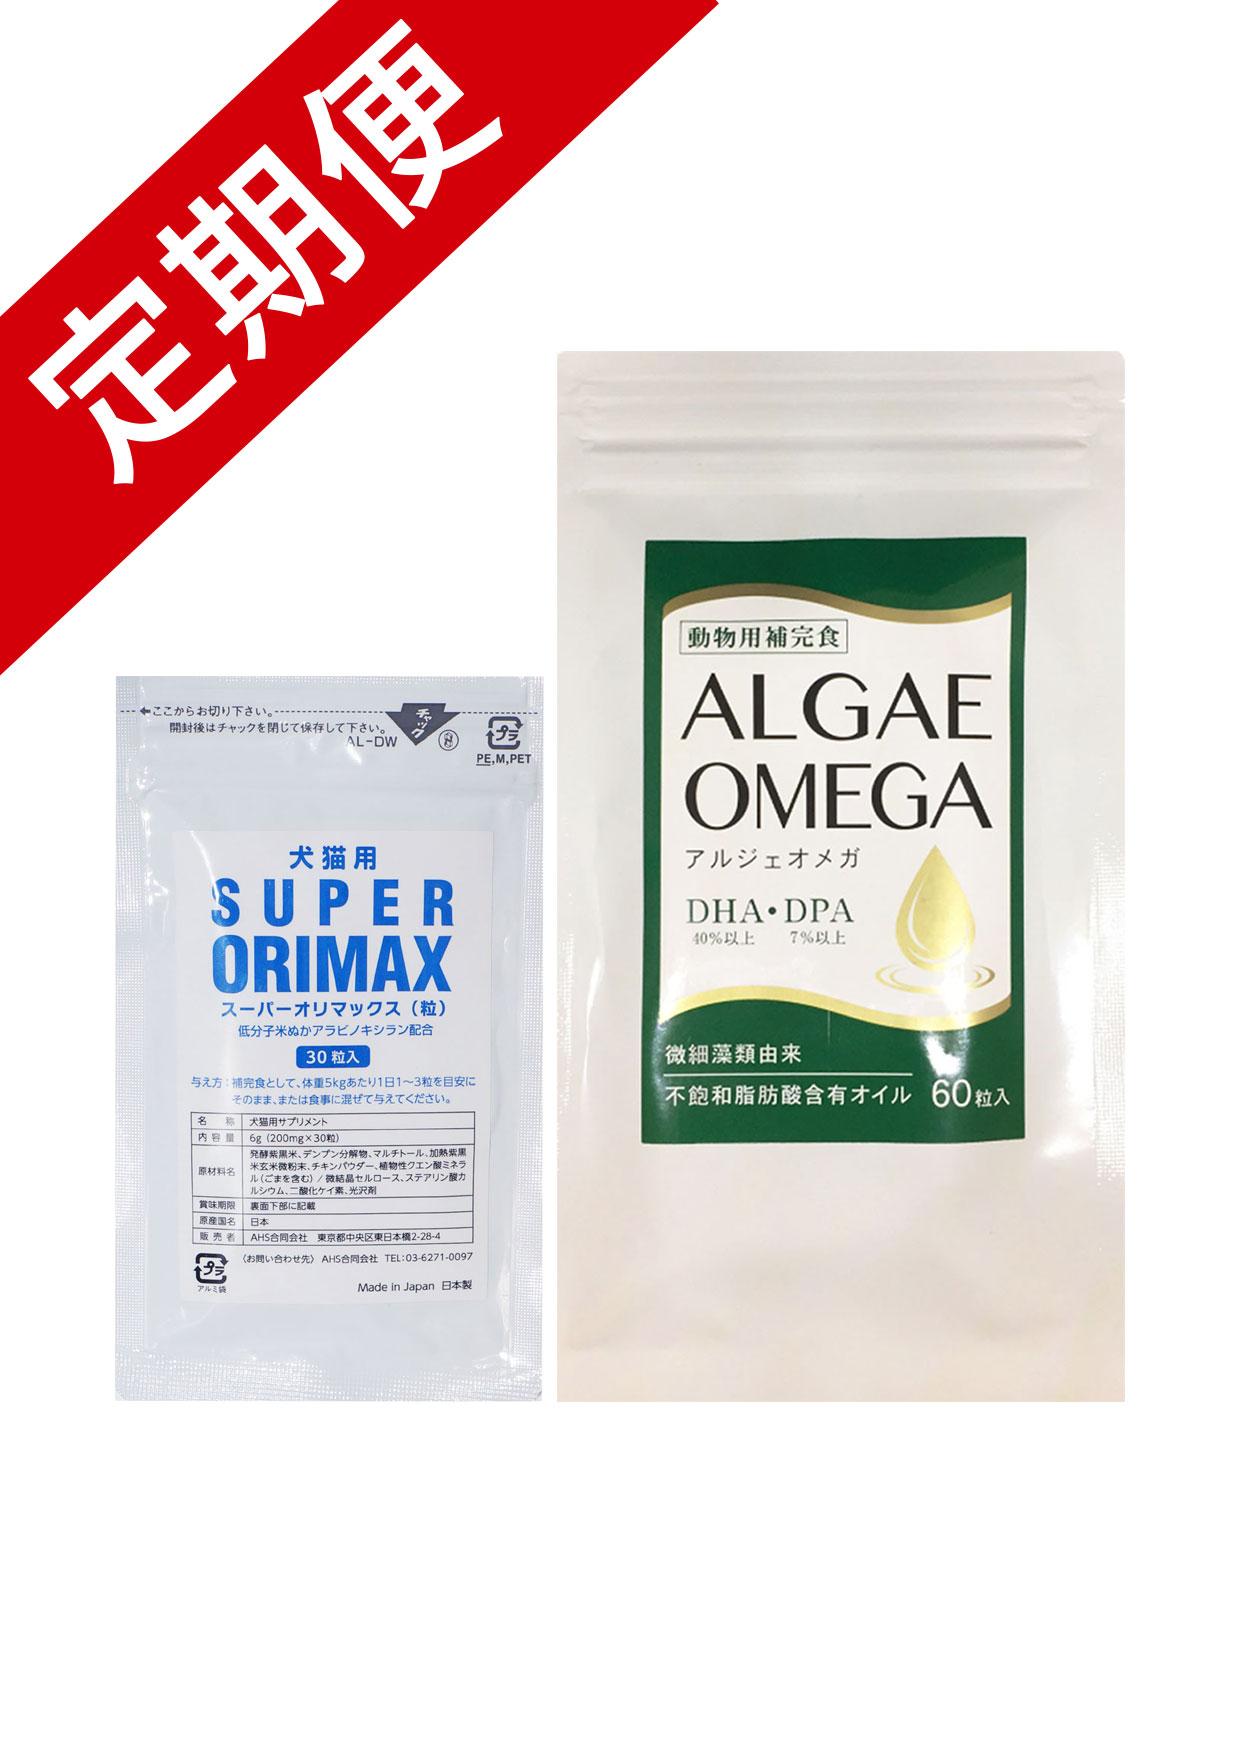 【定期便】犬猫用スーパーオリマックス30粒 アルジェオメガ 60粒 セット